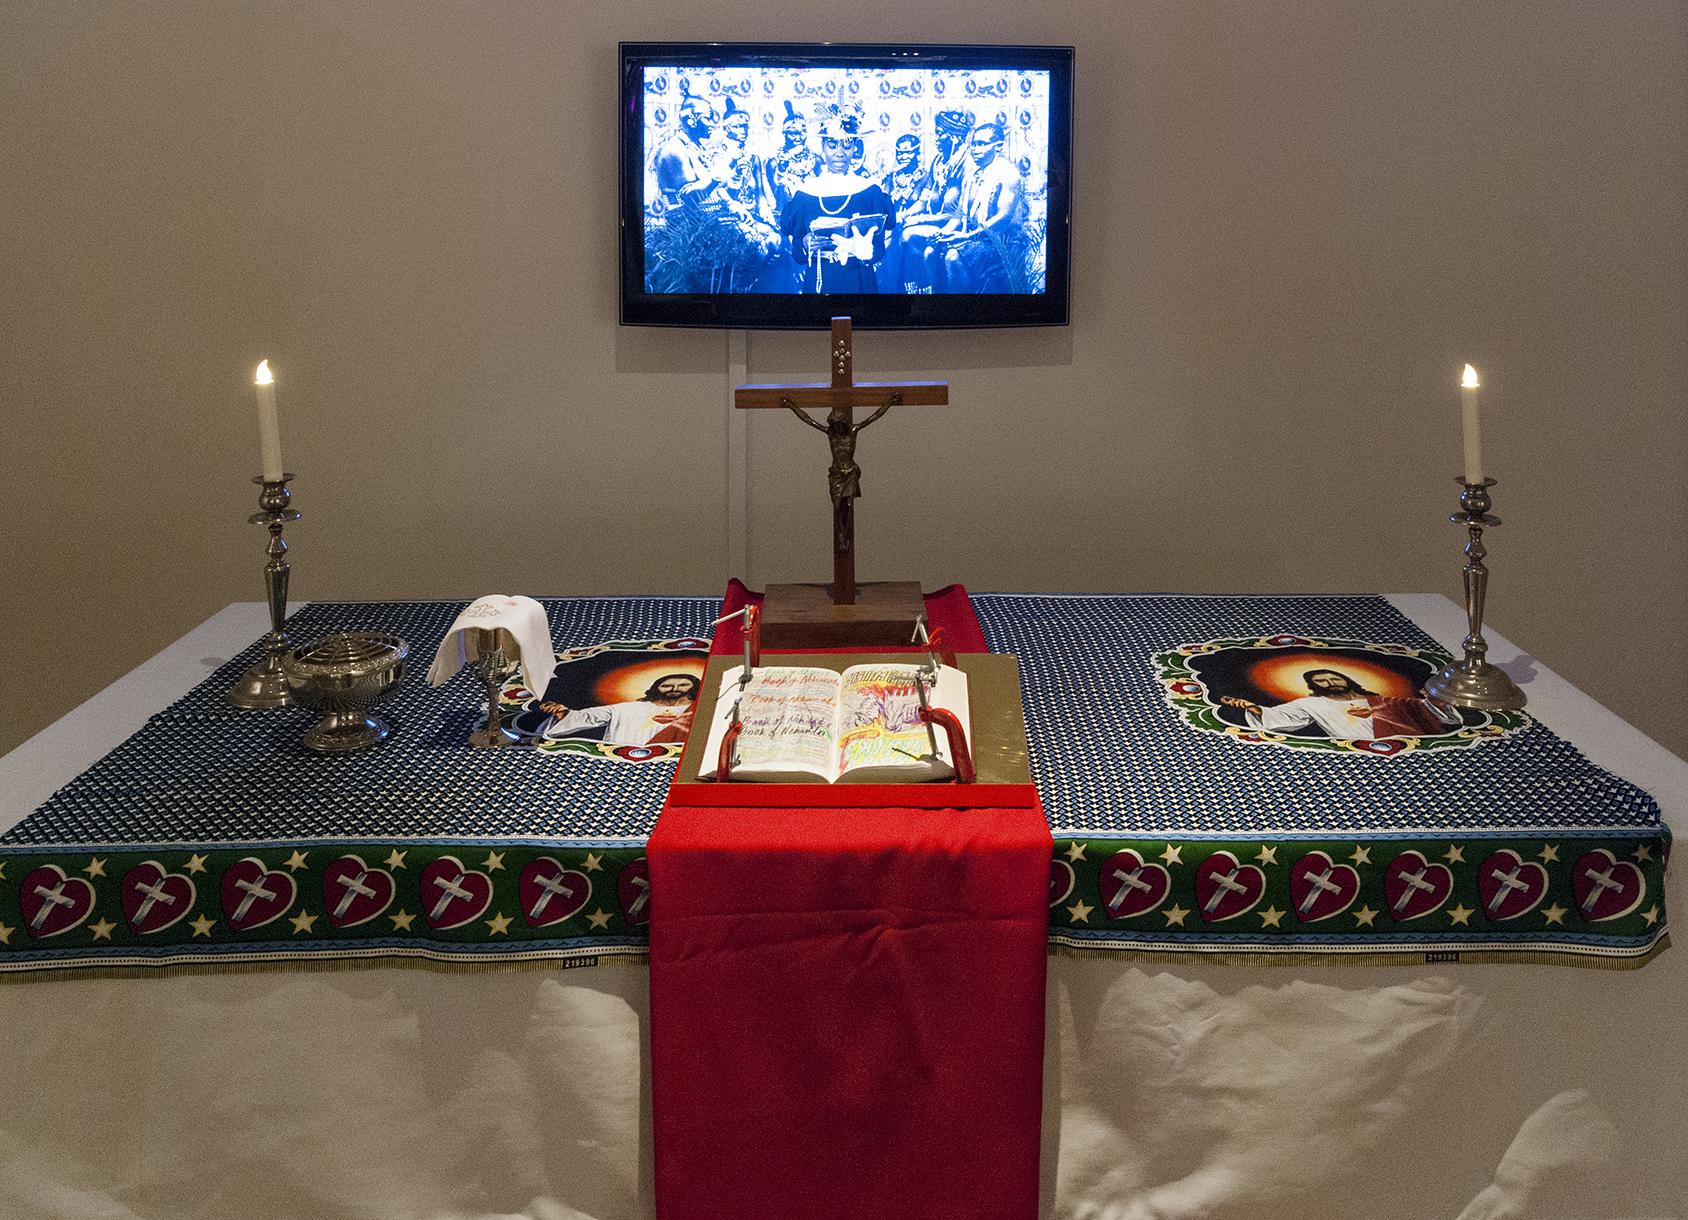 Altare med bibel och en tvskärm